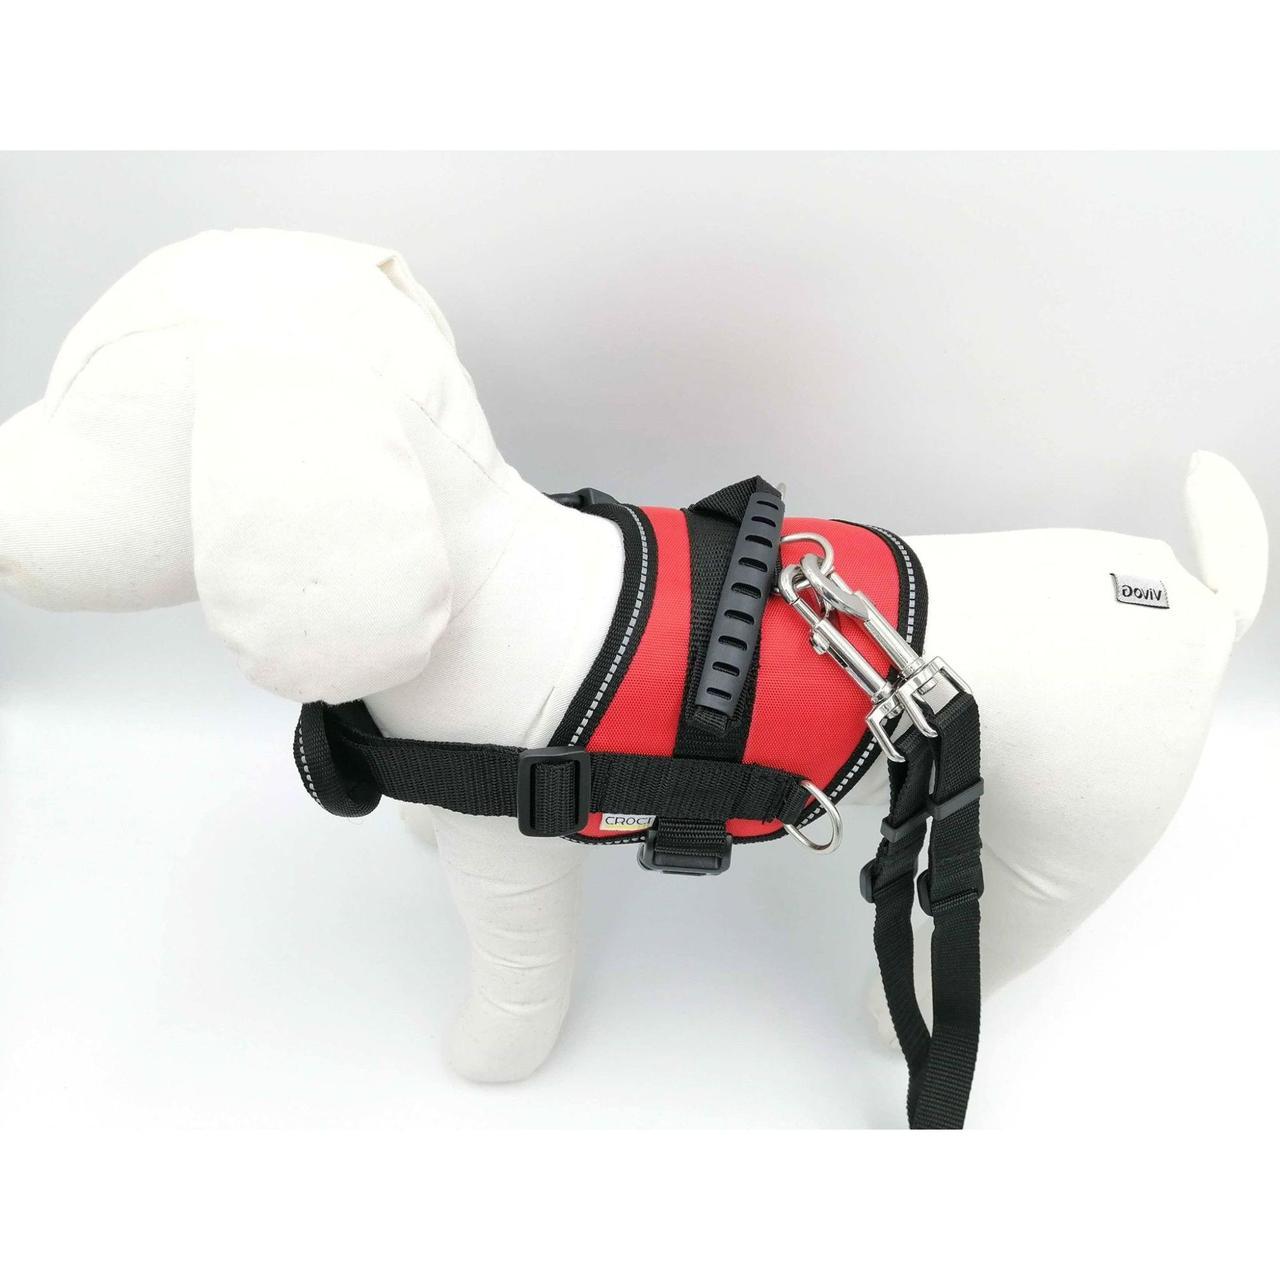 Шлея для собак з кишенею і ручкою з повідцем 33-45 см Croci Hiking червона,  ціна 654 грн., купити в Білій Церкві — Prom.ua (ID#1175249839)